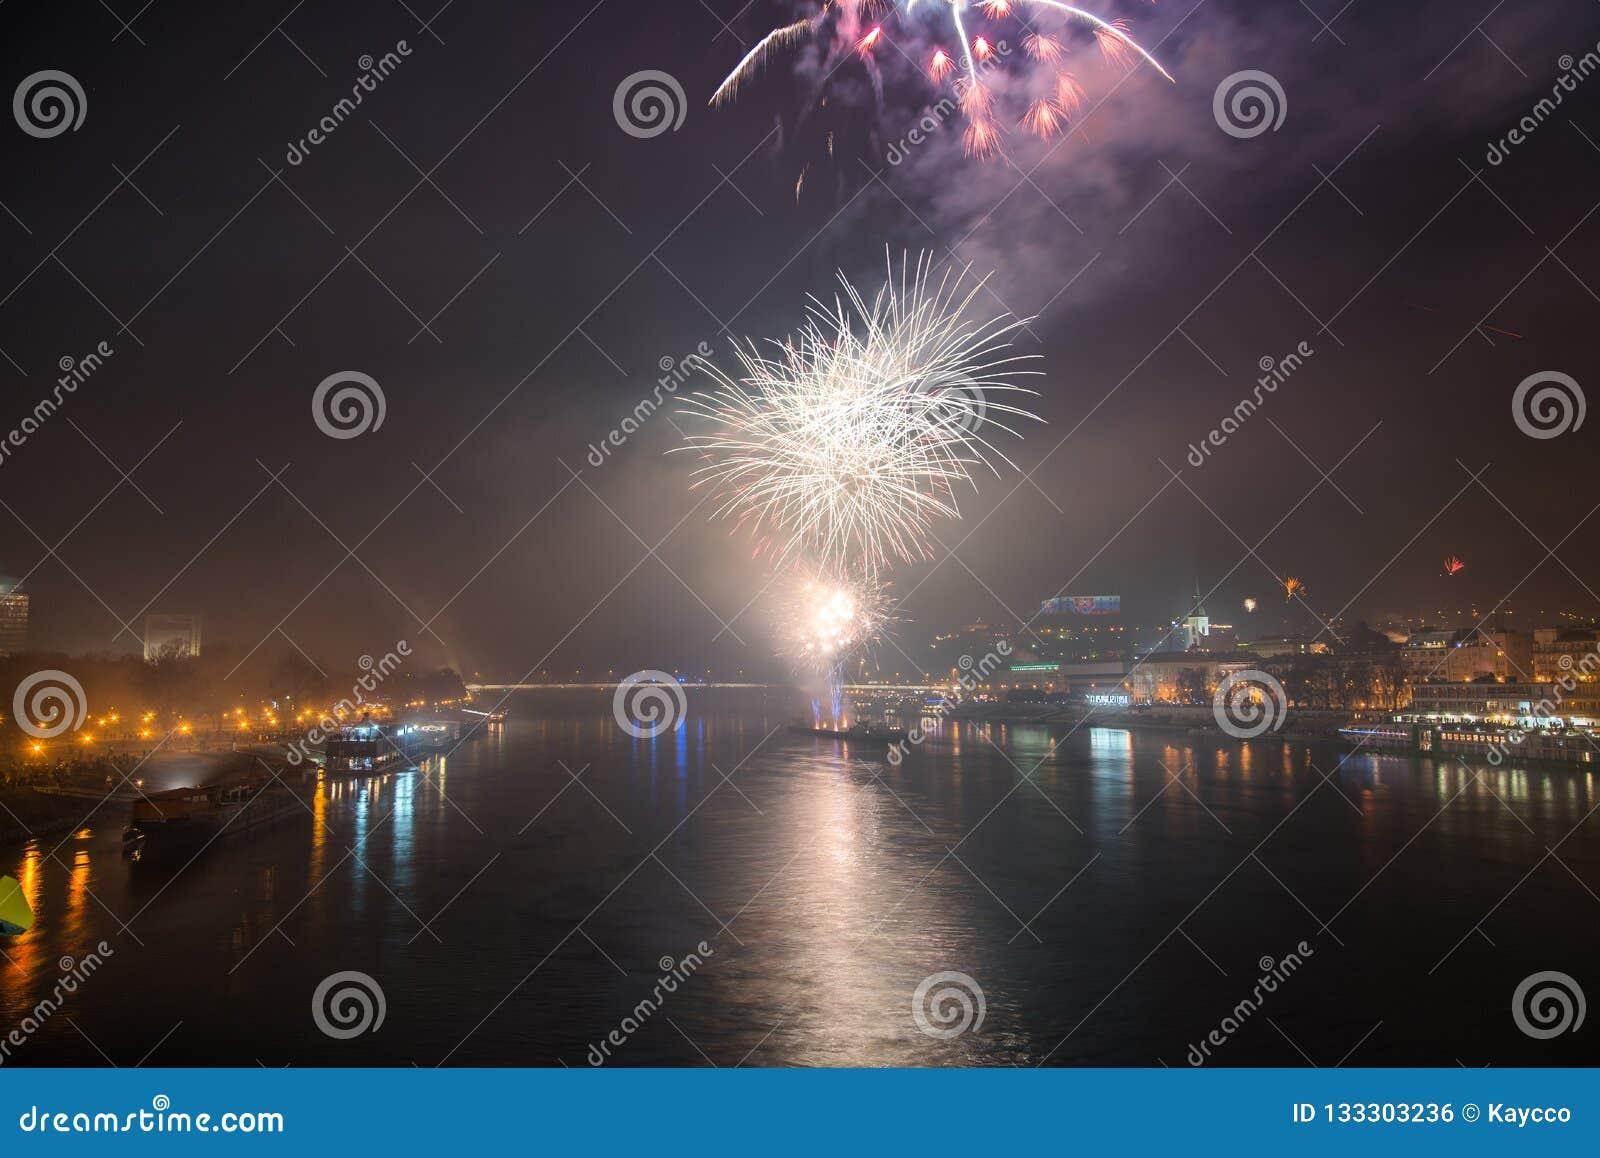 Feuerwerke über dem Fluss in der Stadt